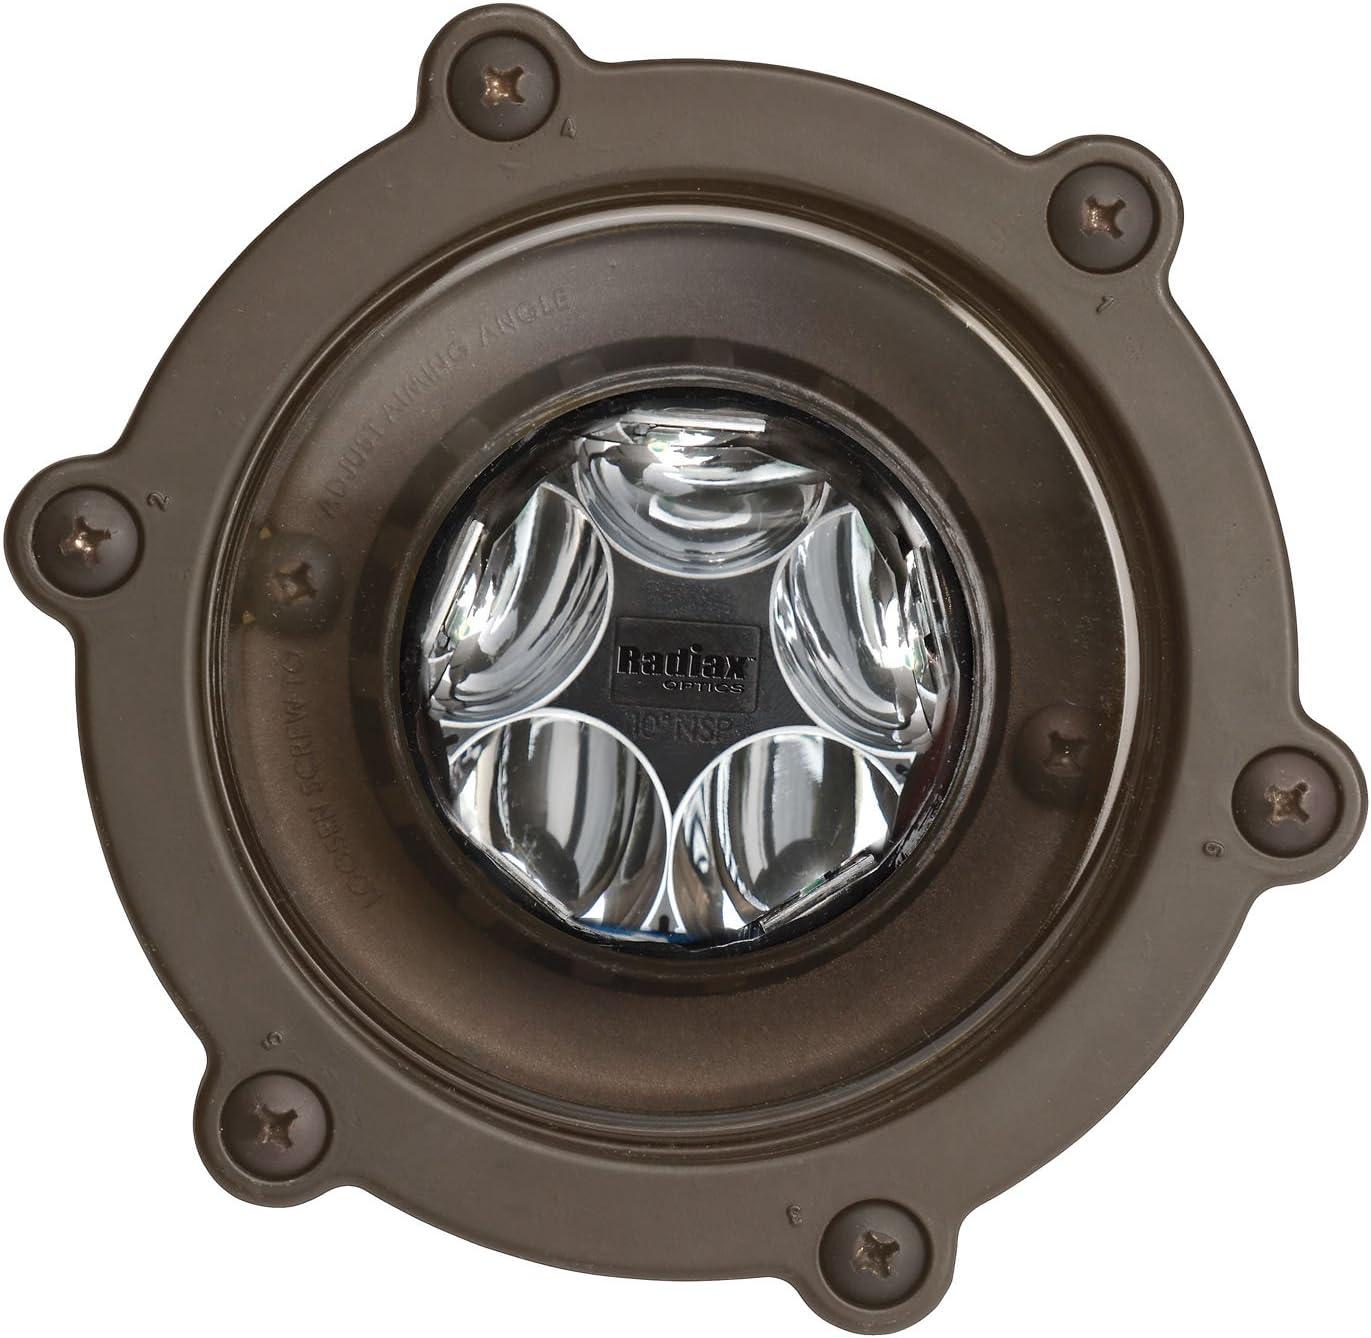 Kichler 16036BBR27 12V LED 14W 10-Degree Spot Well Light 2700K Bronzed Brass